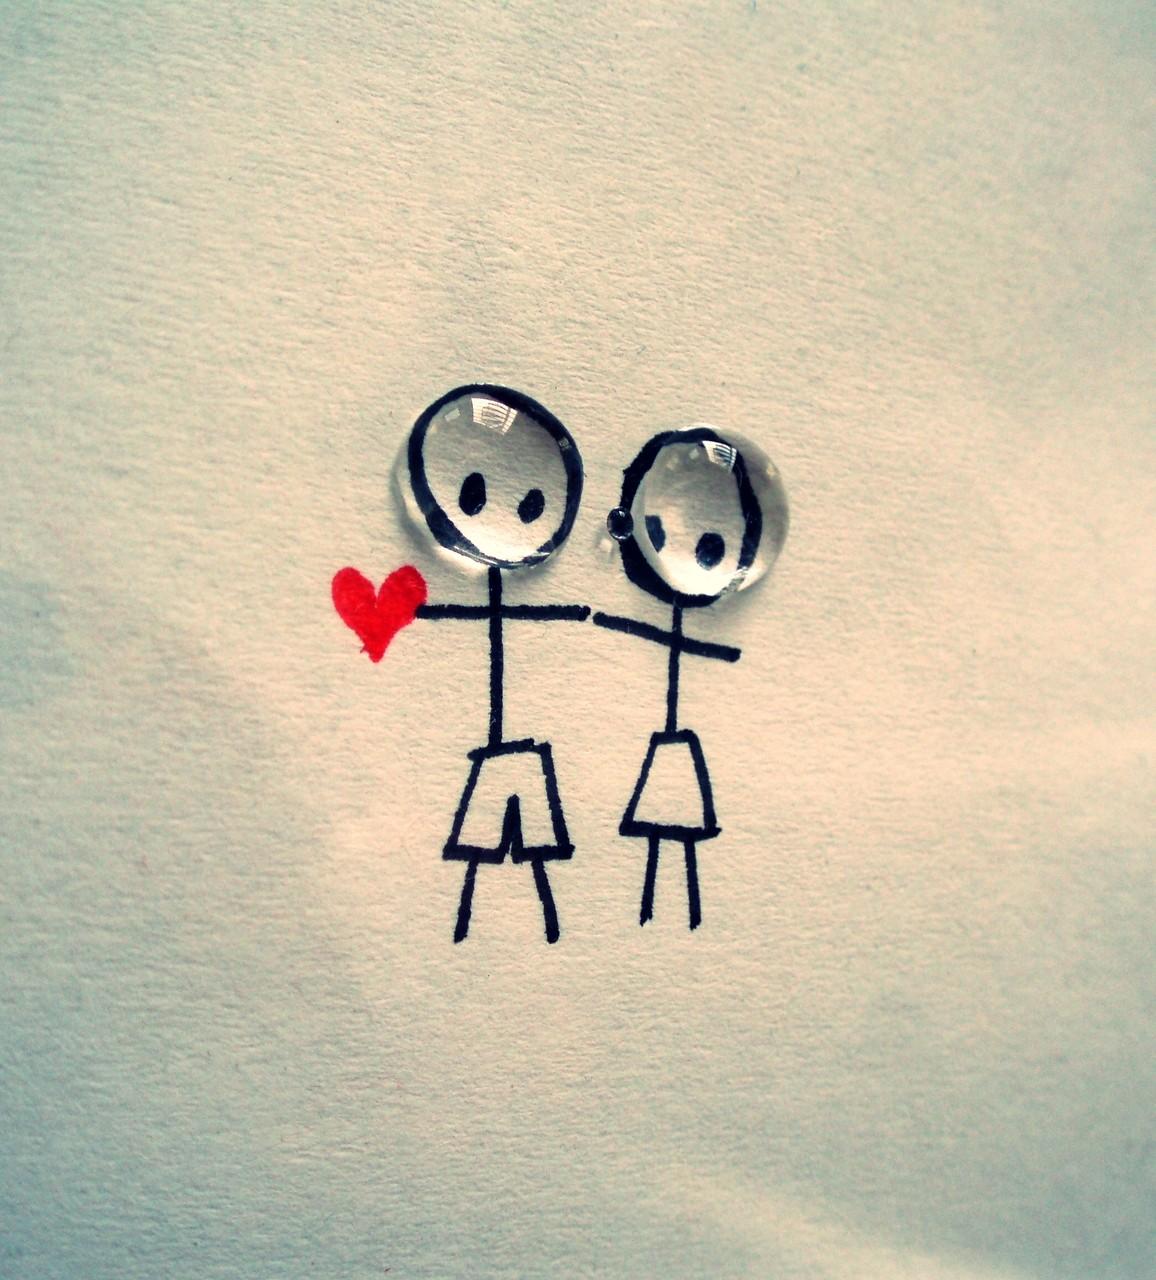 صورة كيف تعرف انك تحب , تعرف على علامات الحب 1522 4